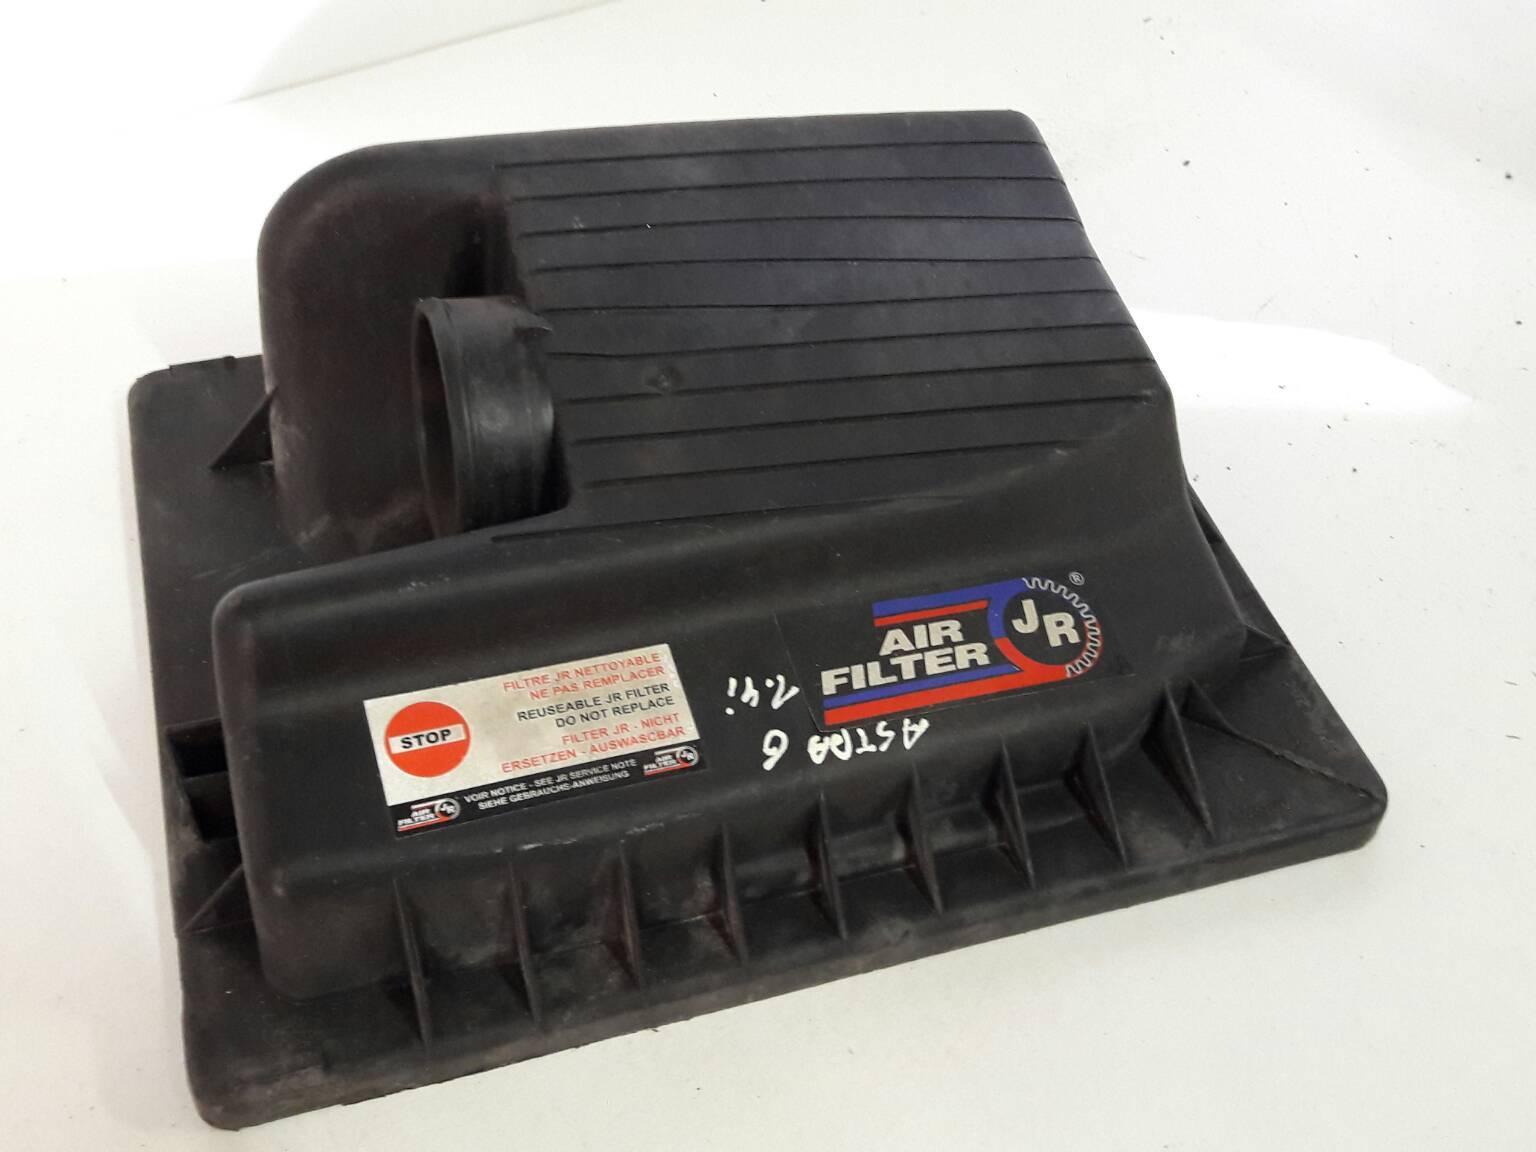 hight resolution of air filter box 90531002 opel astra g hatchback t98 1 4 16v f08